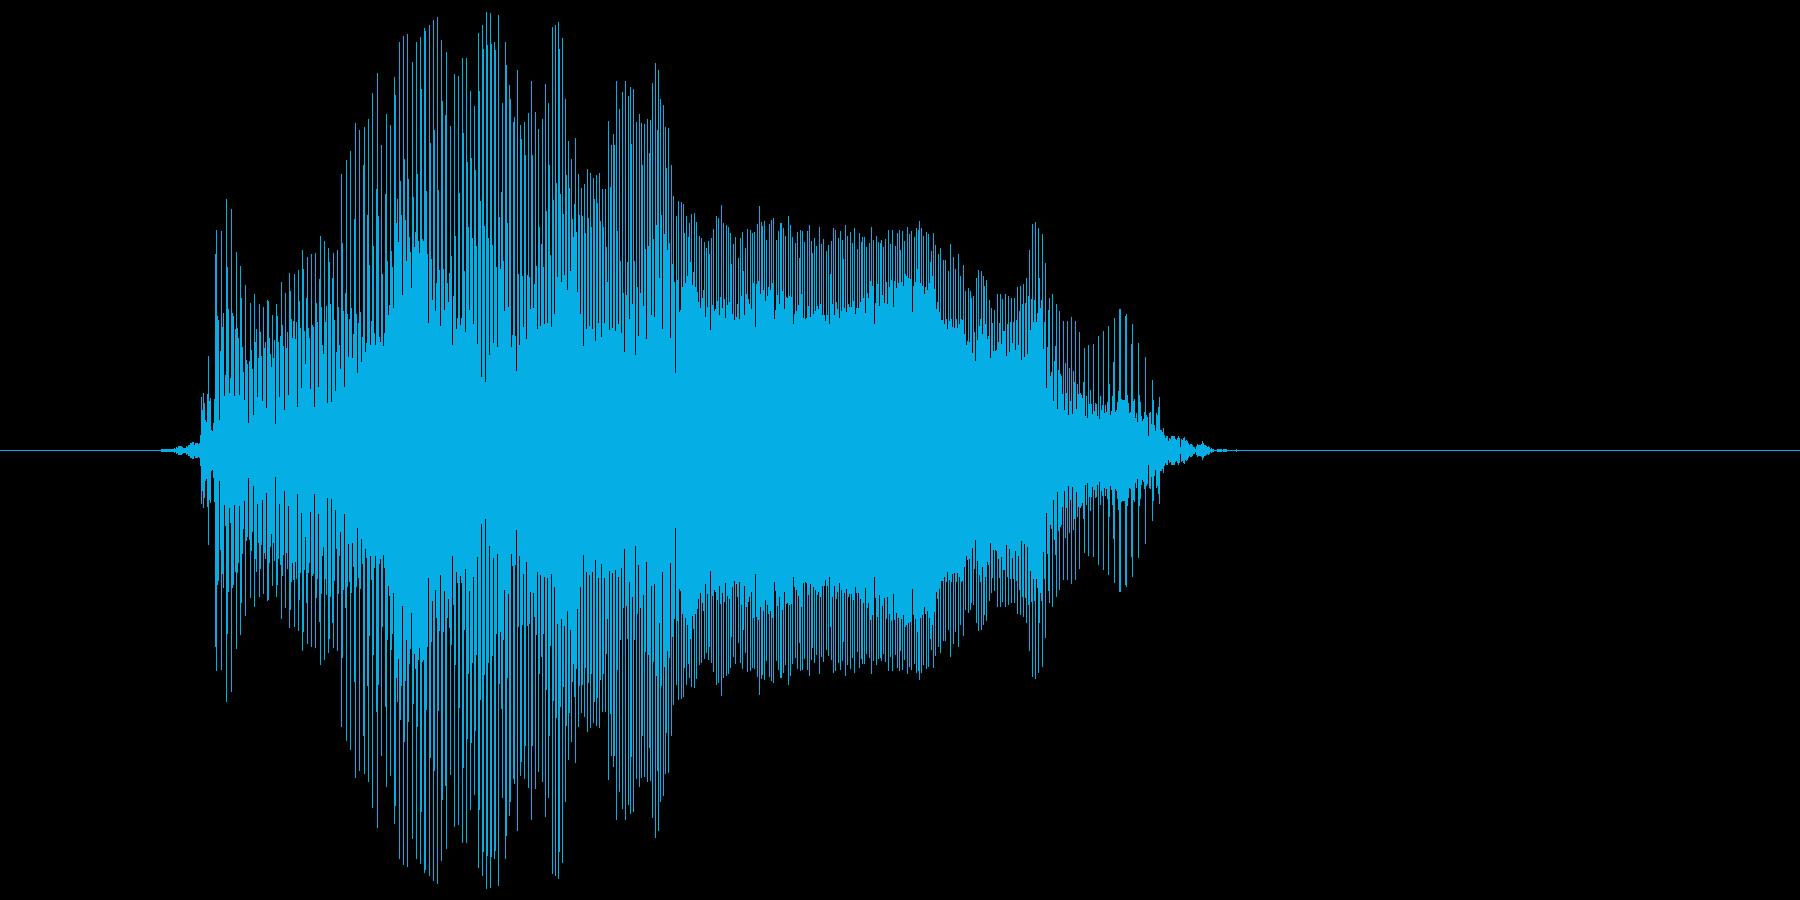 「イヤーン」の再生済みの波形